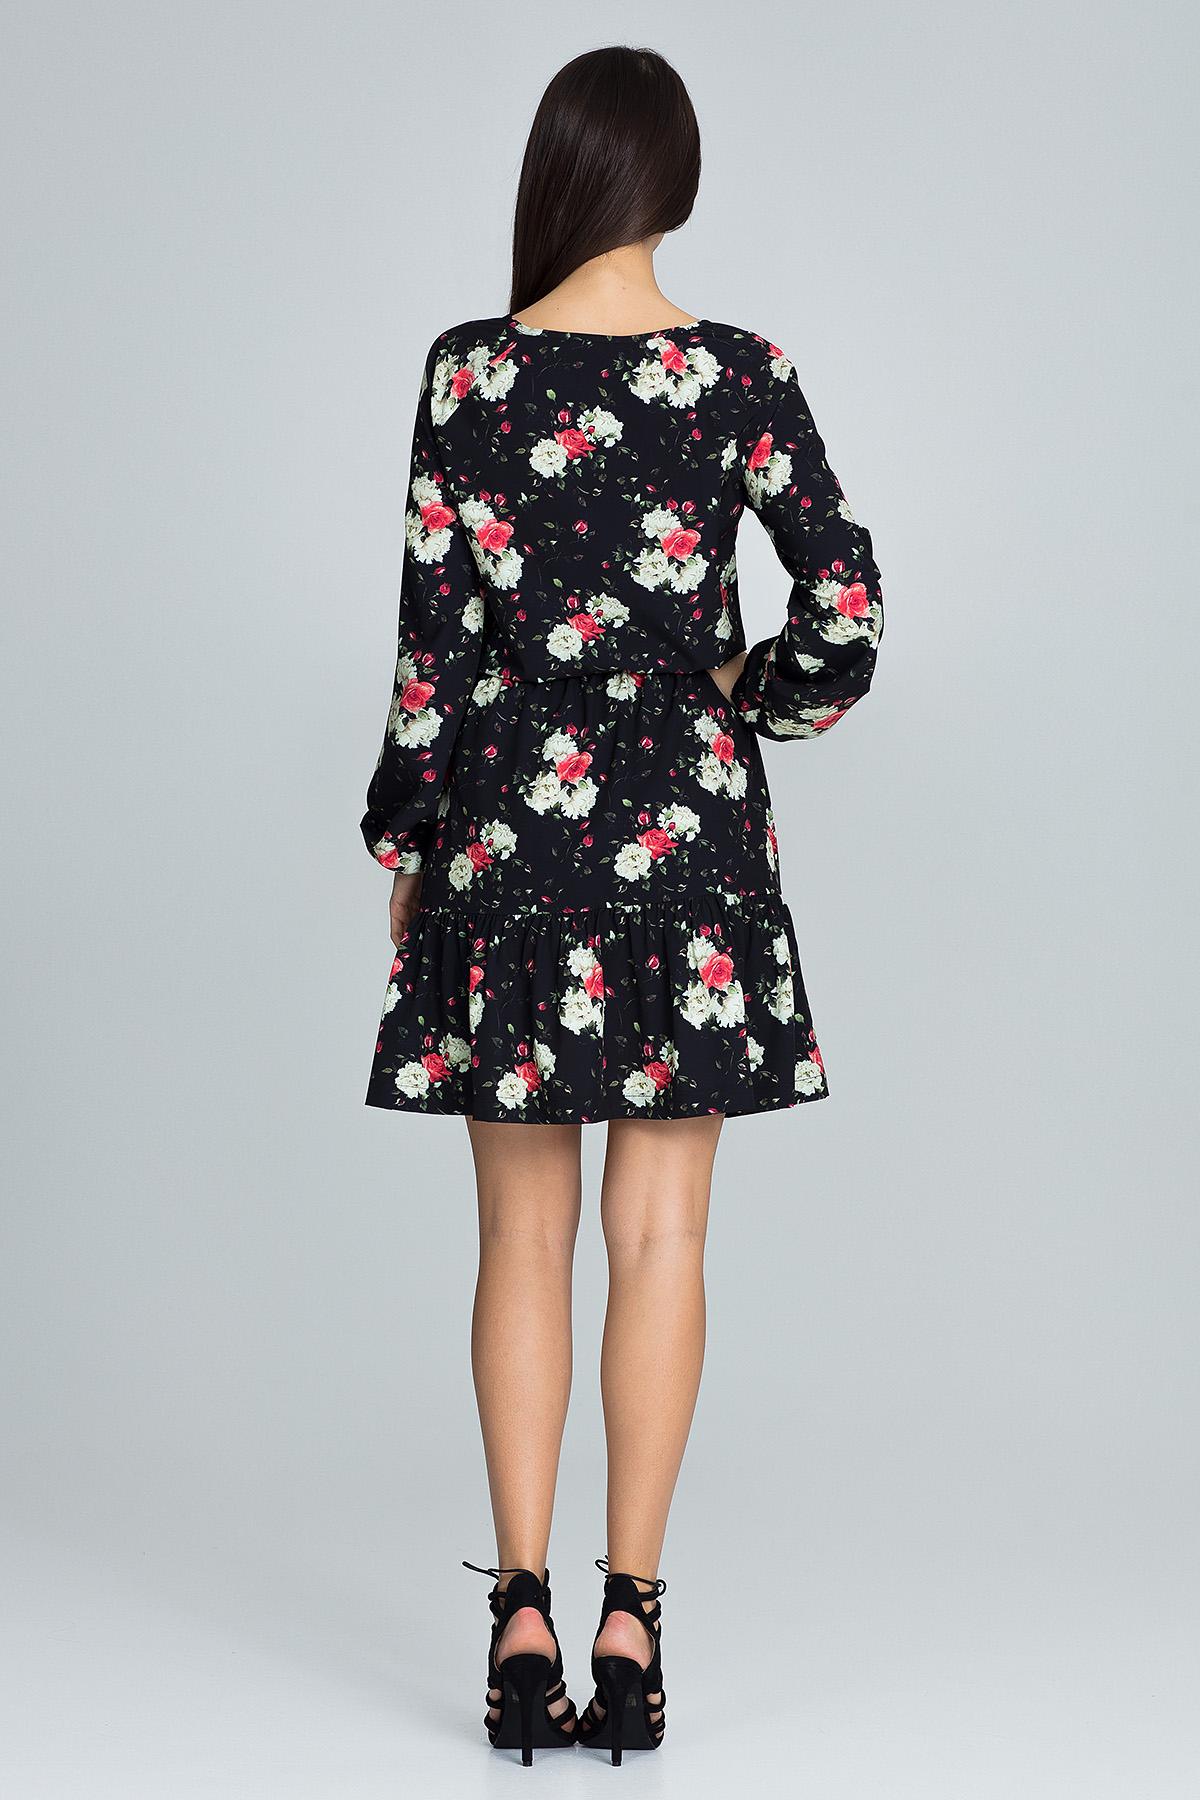 CM3663 Zwiewna sukienka mini z paskiem - wzór 75